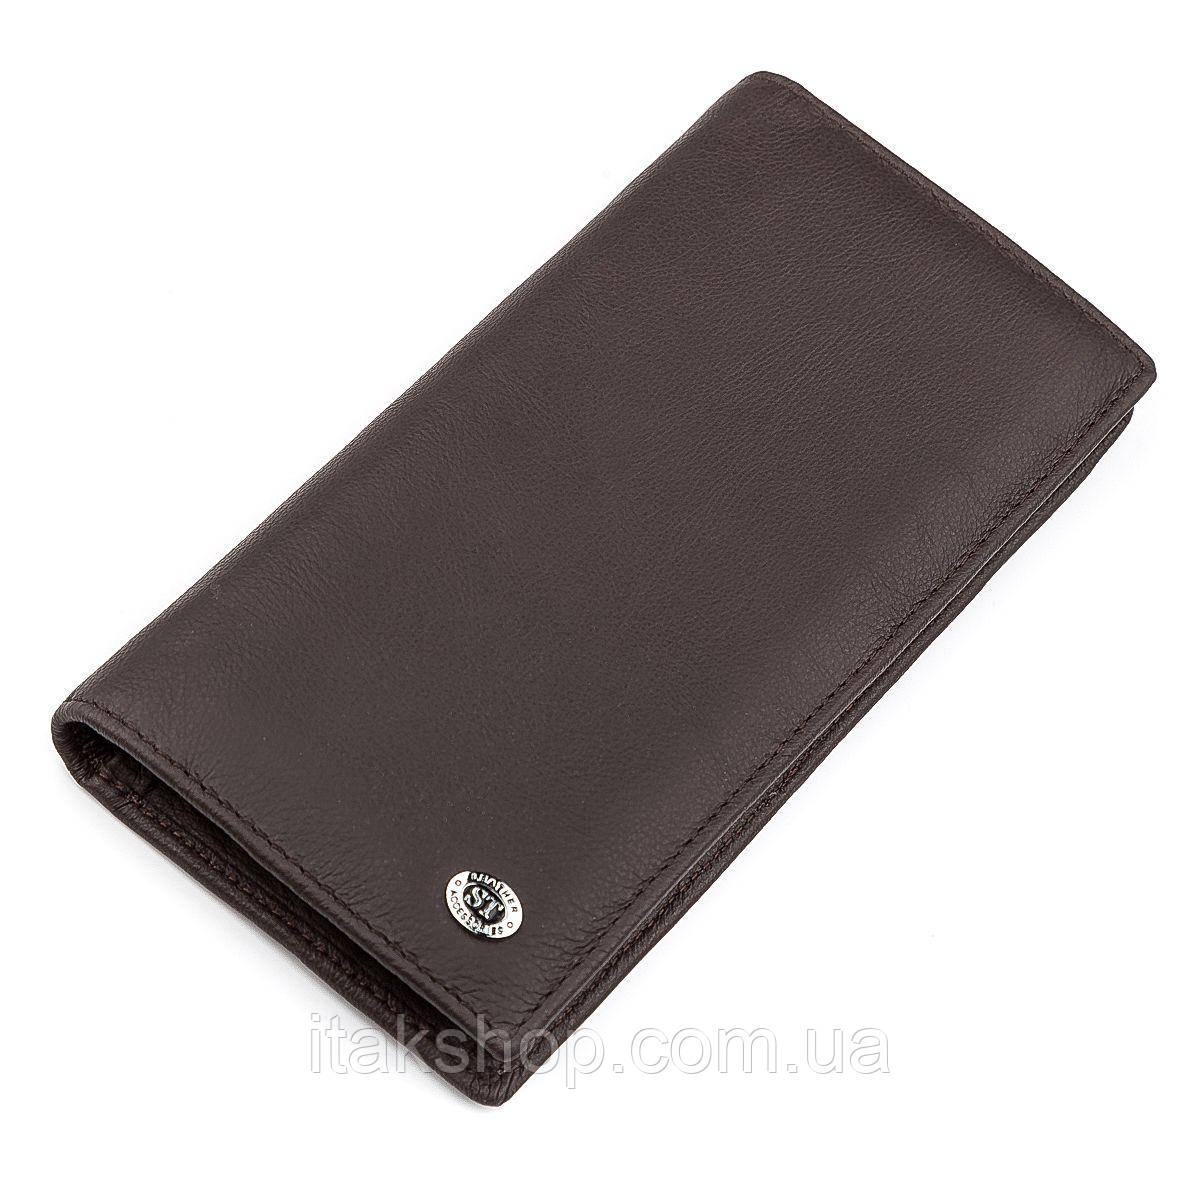 Мужской купюрник ST Leather 18368 (ST148) функциональный Коричневый, Коричневый